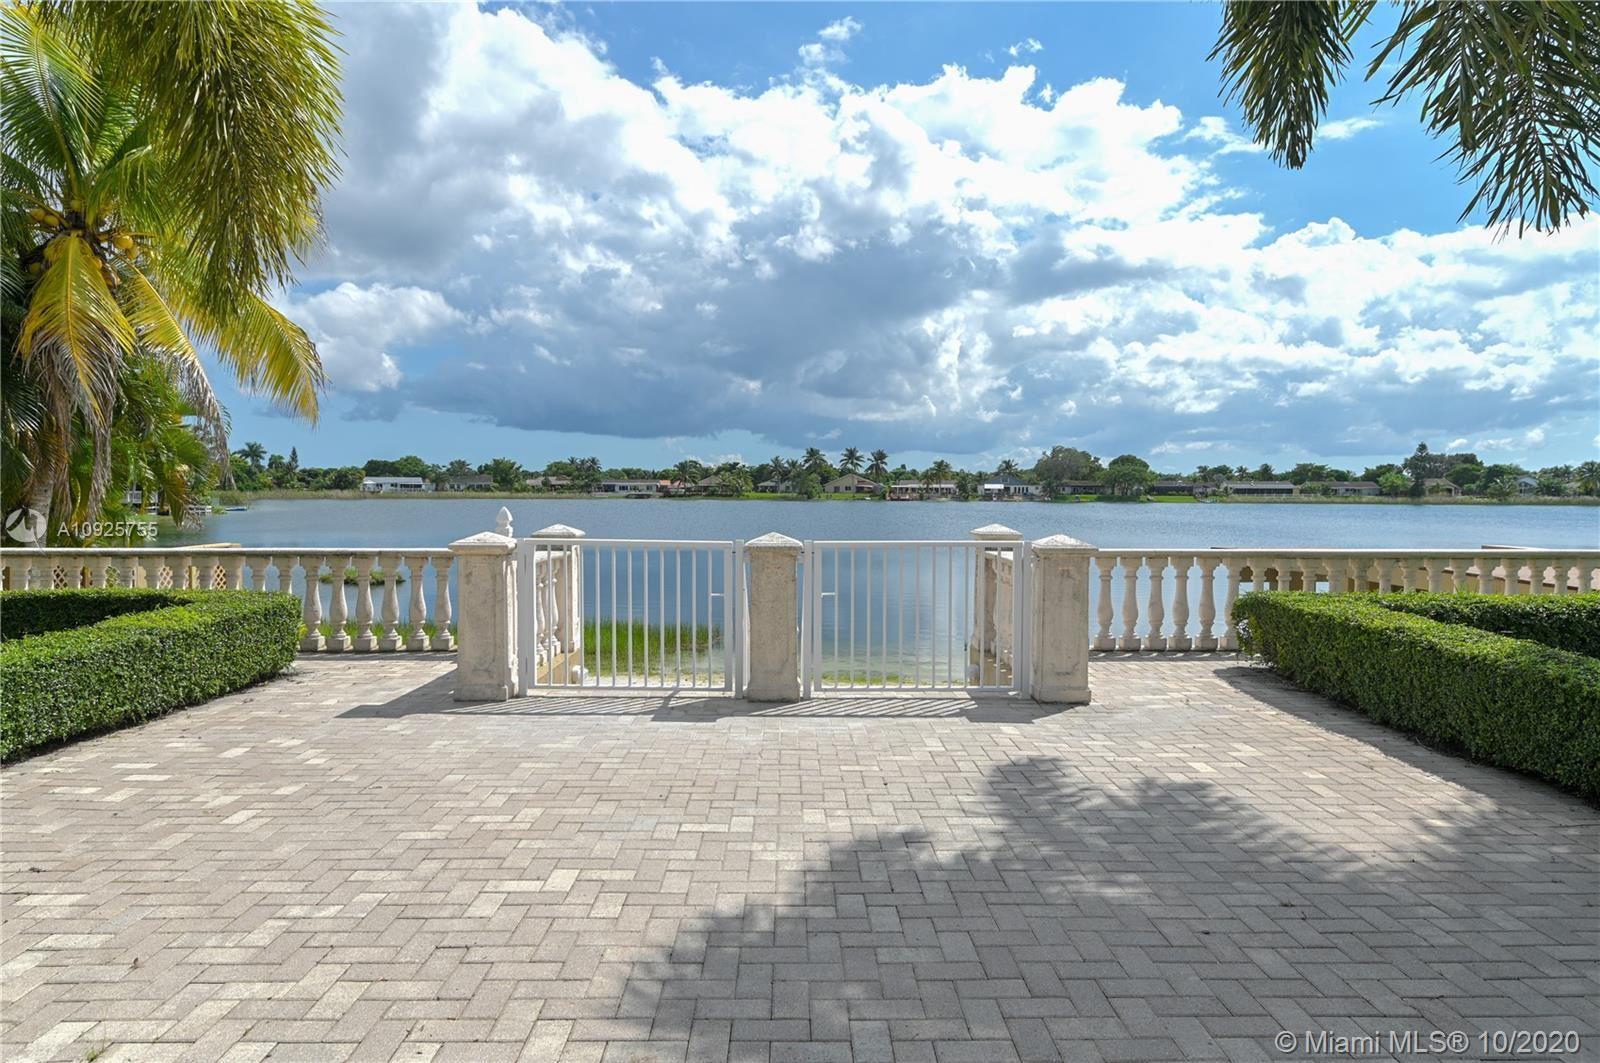 14920 SW 67th Ln, Miami, FL 33193 - #: A10925755